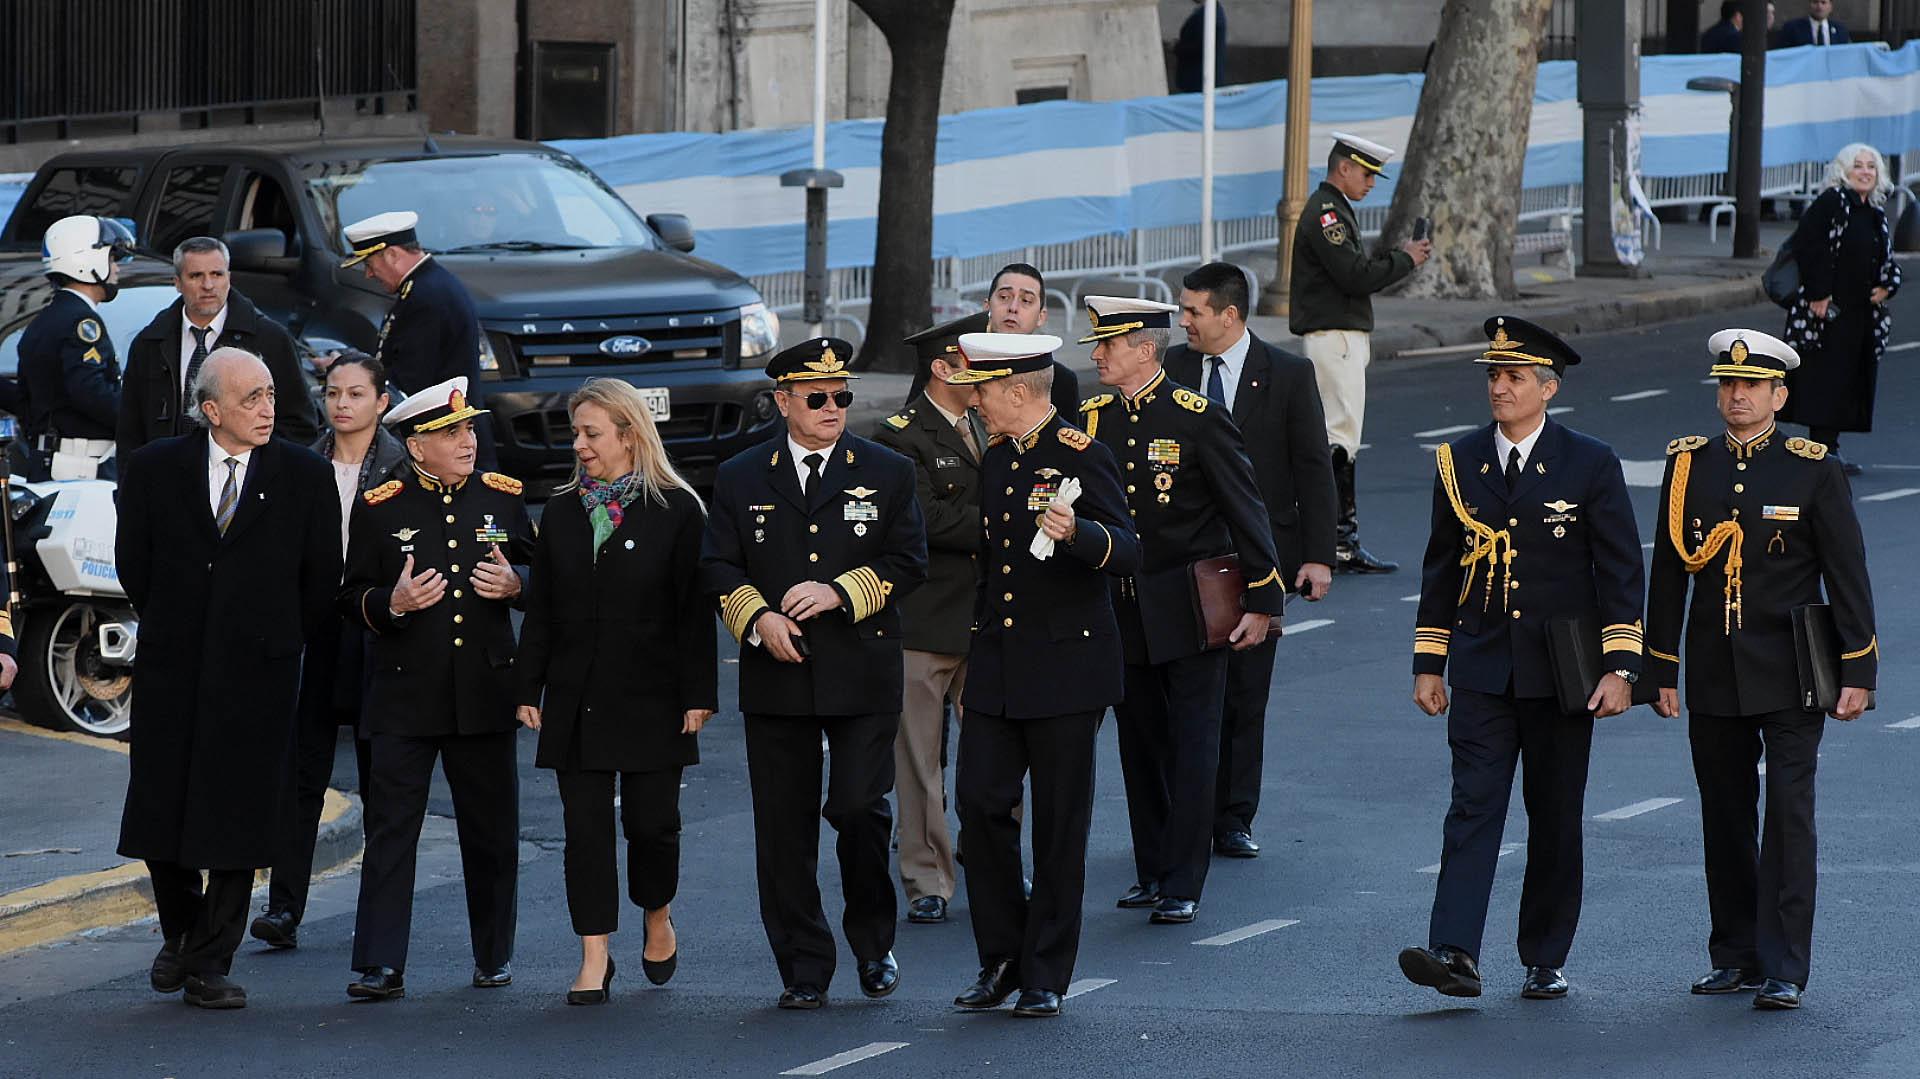 Los altos mandos militares también se hicieron presentes en la misma conmemorativa del 25 de Mayo